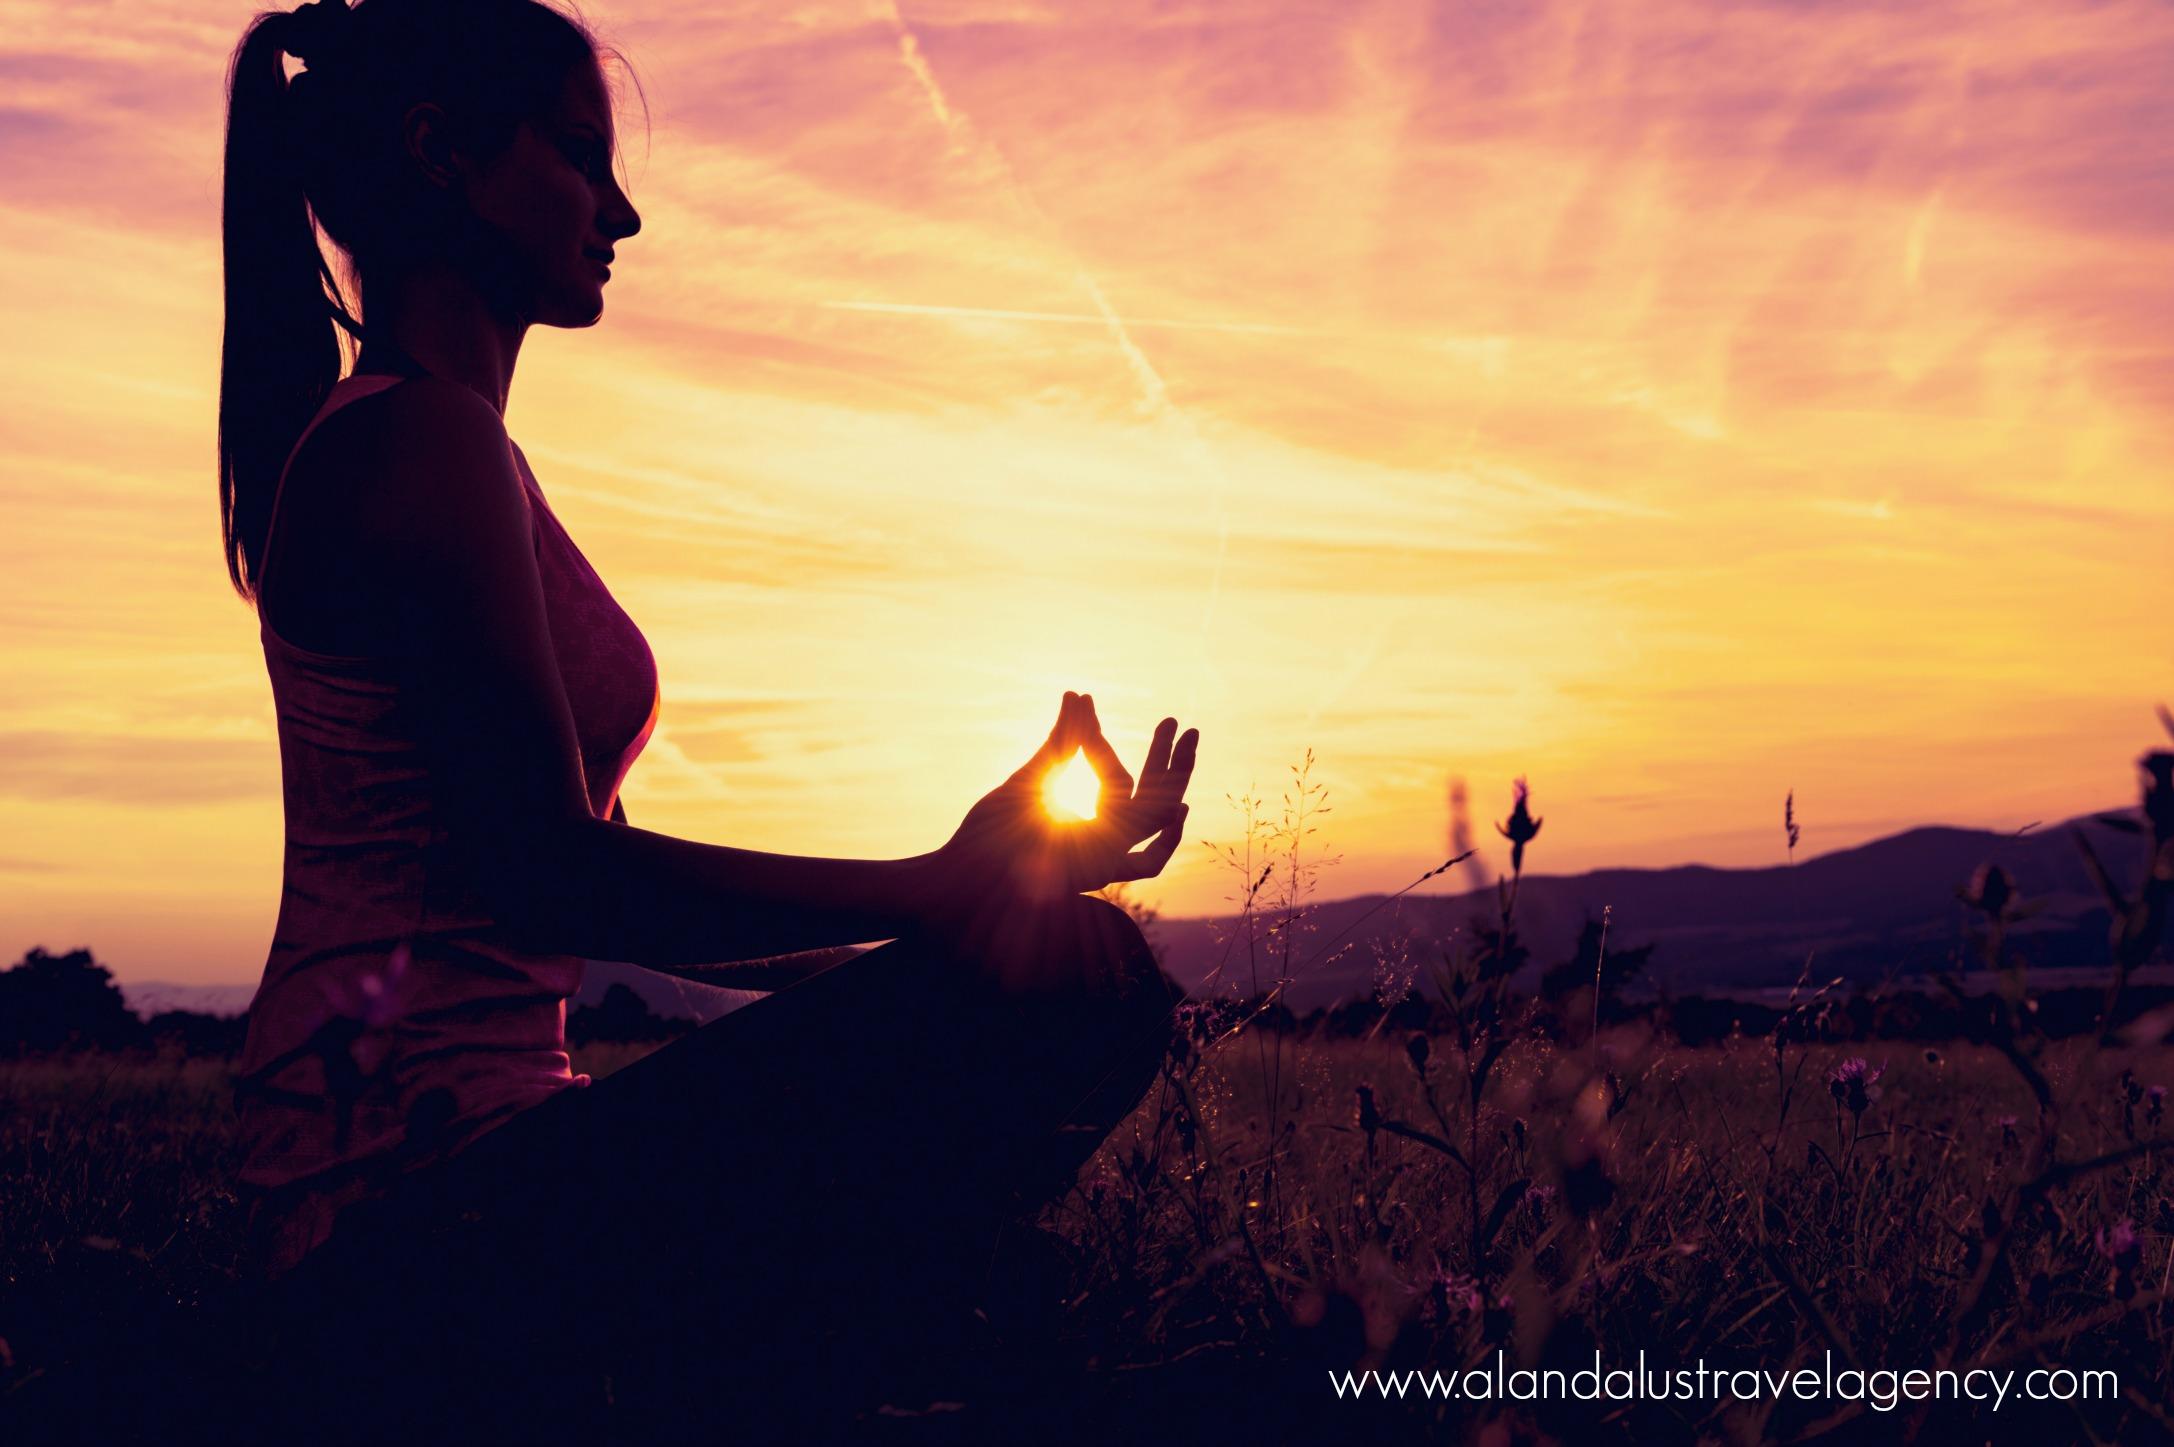 Pon freno al estrés. Tu Salud y Bienestar, lo primero.